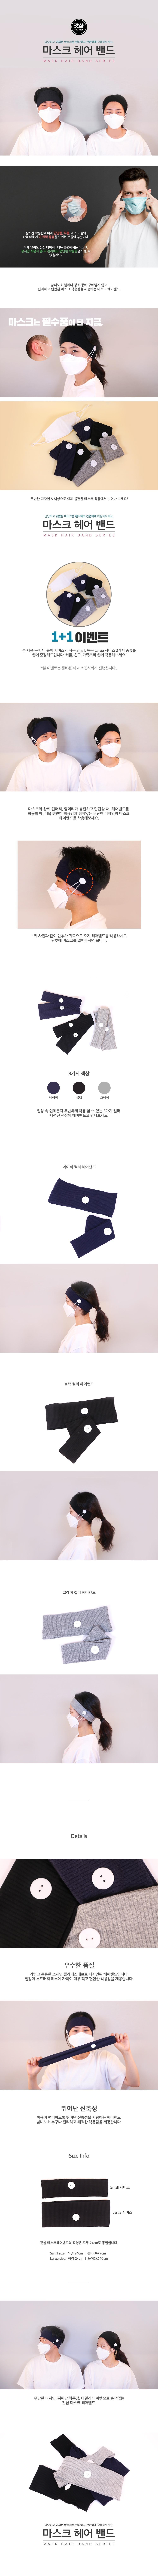 1+1 마스크 귀안아프게 헤어밴드 3color 갓샵 귀보호 - 갓샵, 7,400원, 헤어핀/밴드/끈, 헤어밴드